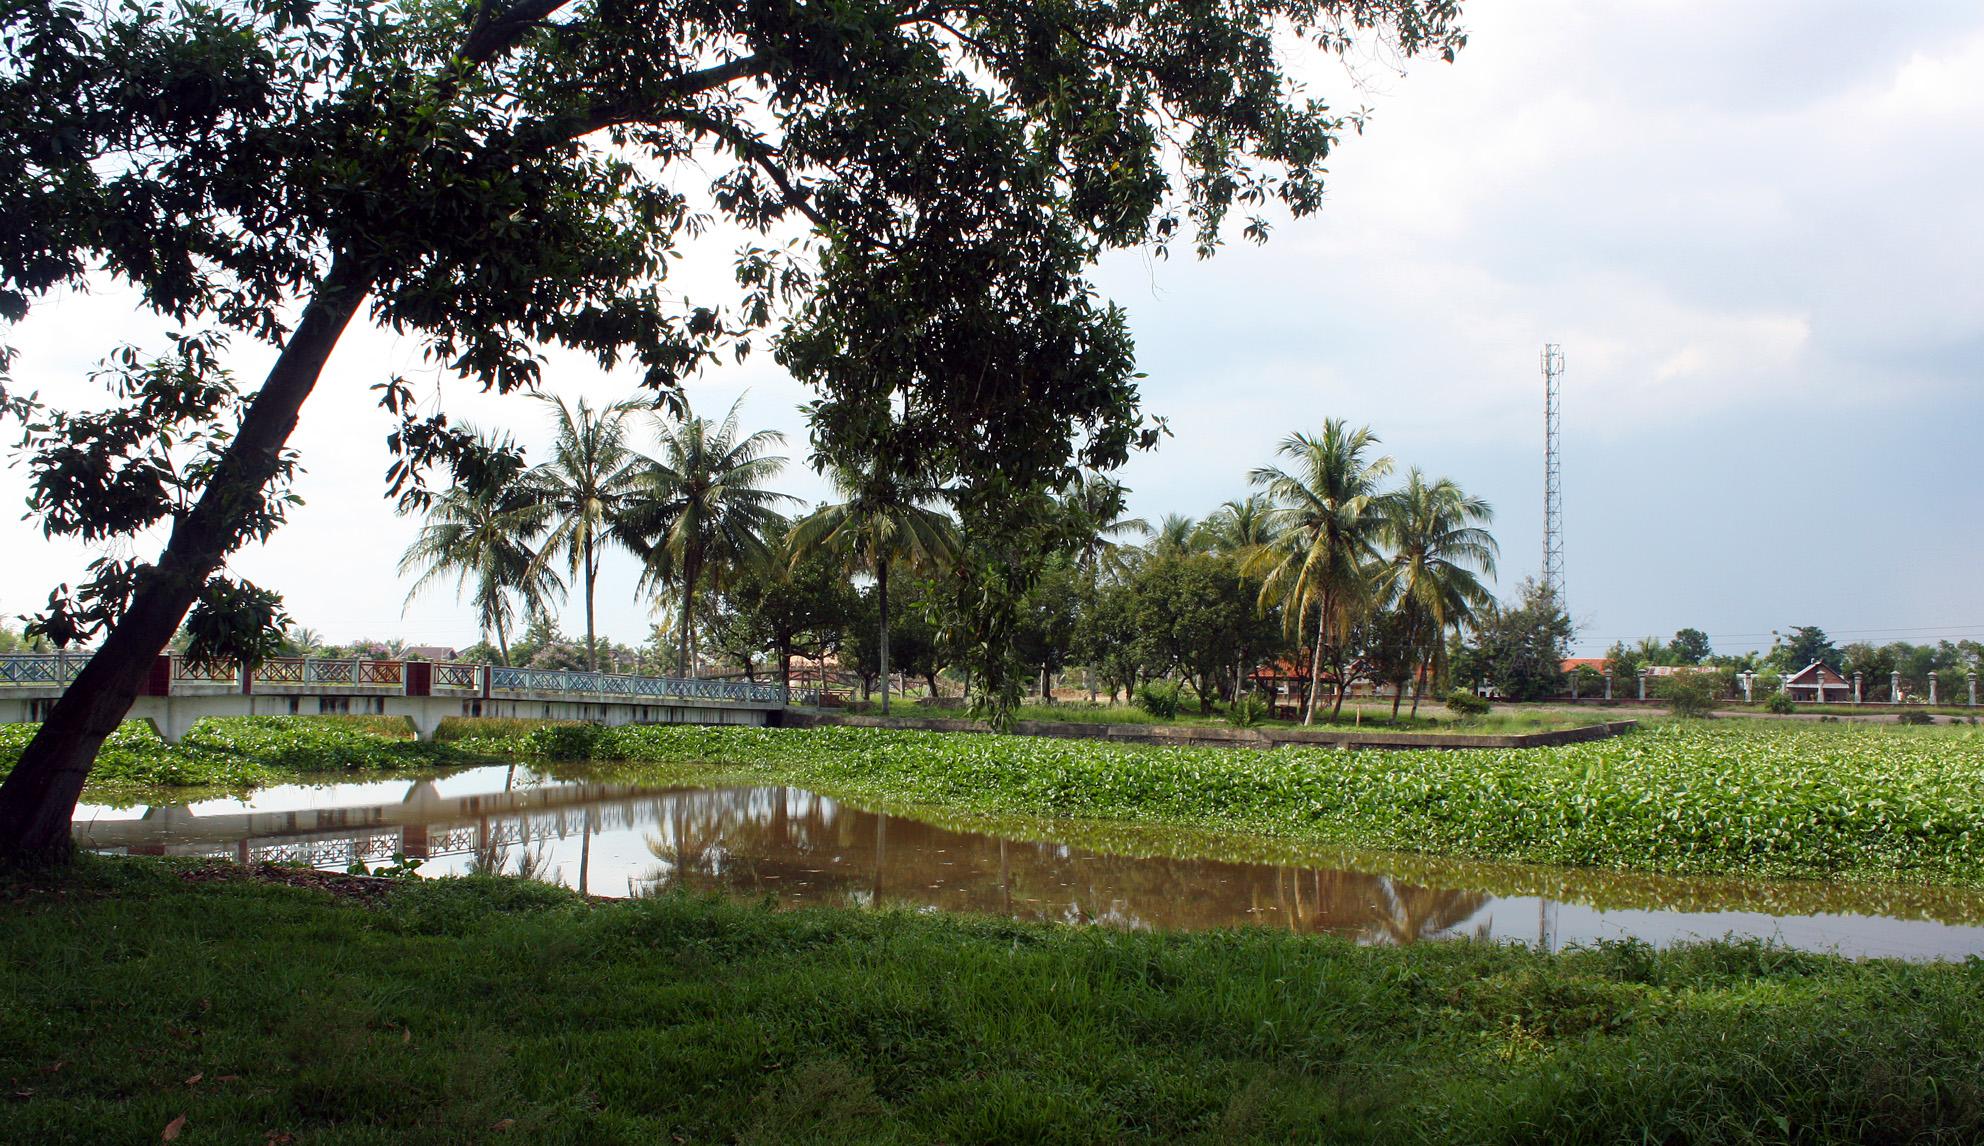 Taman Purbakala Kerajaan Sriwijaya Wikipedia Bahasa Indonesia Pulau Cempaka Buatan